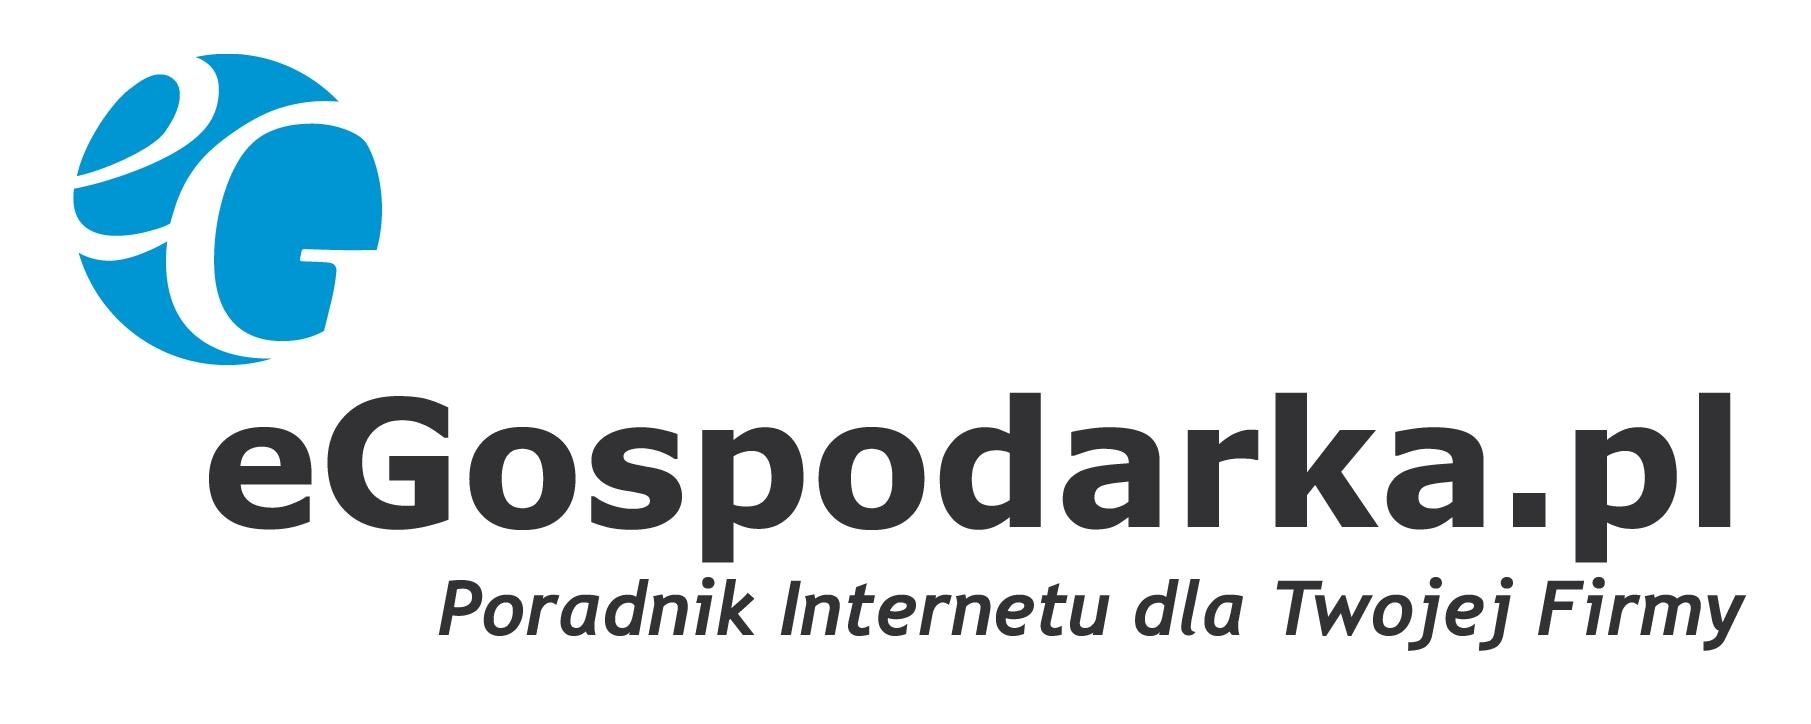 E-gospodarka.pl